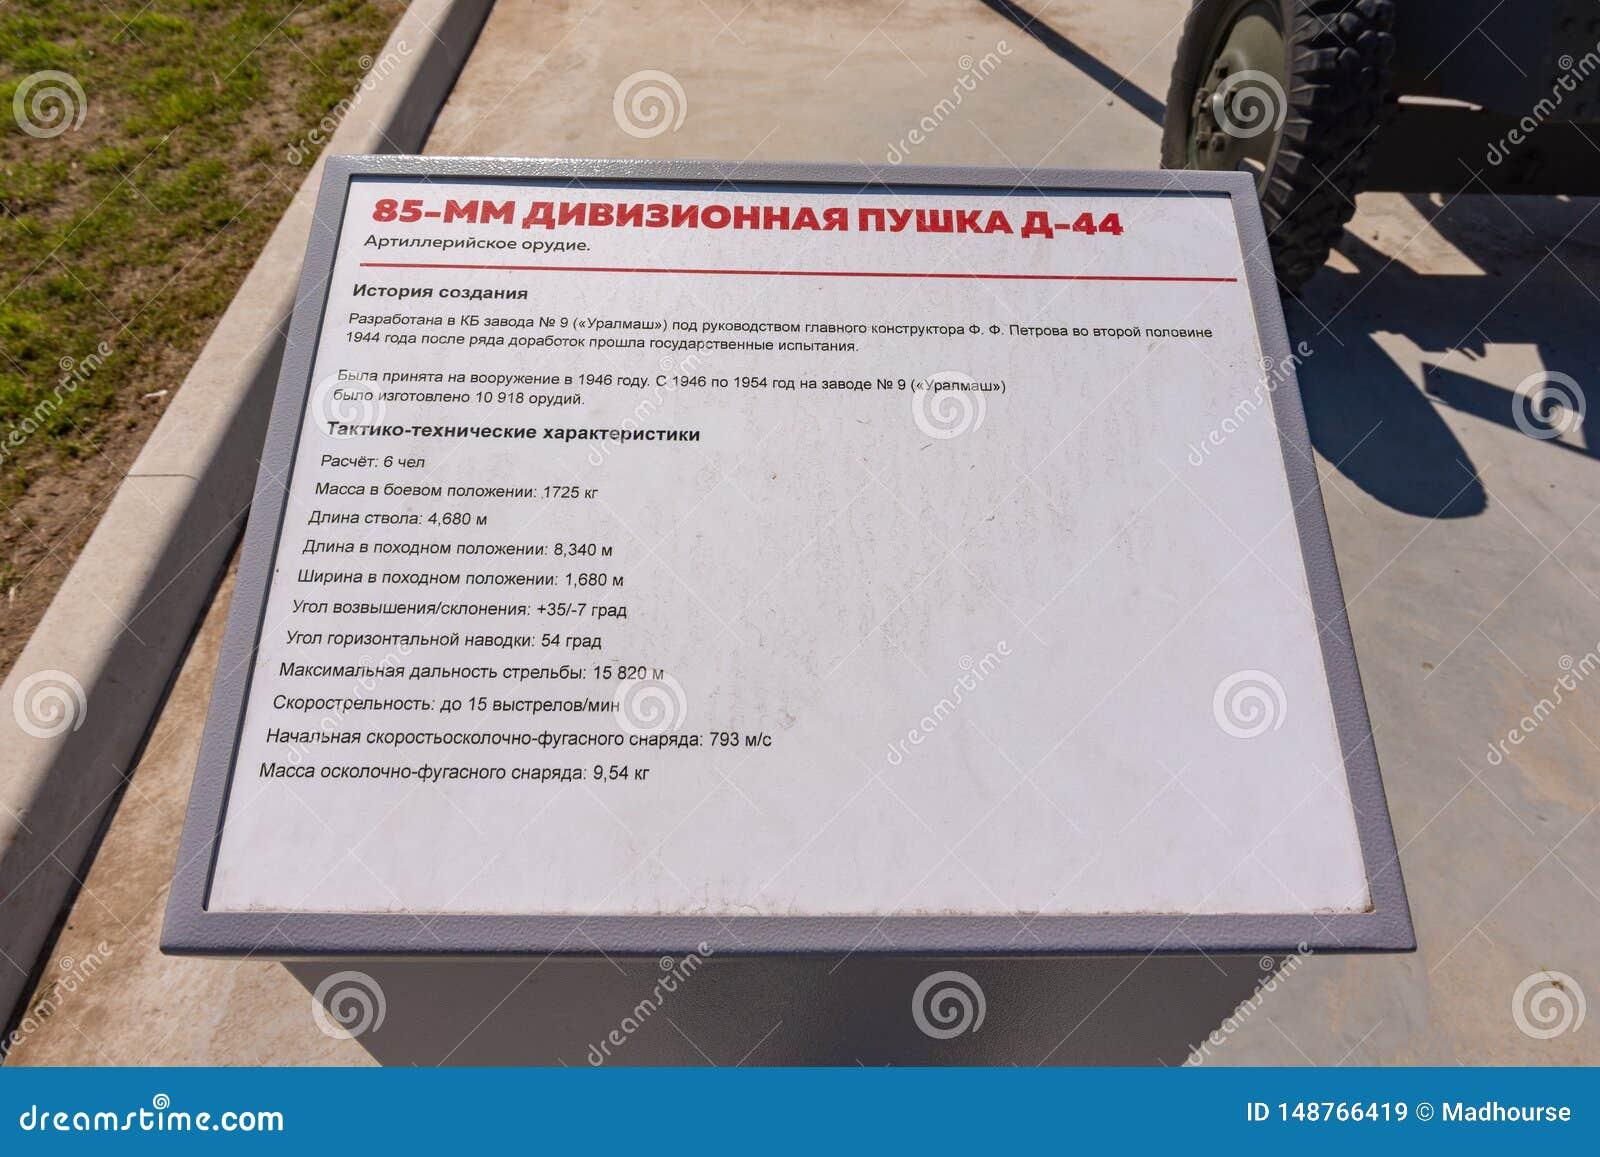 Anapa, Rusia - 28 de abril de 2019: Placa de informaci?n para el objeto expuesto del arma divisional D-44 de 85 mil?metros en el